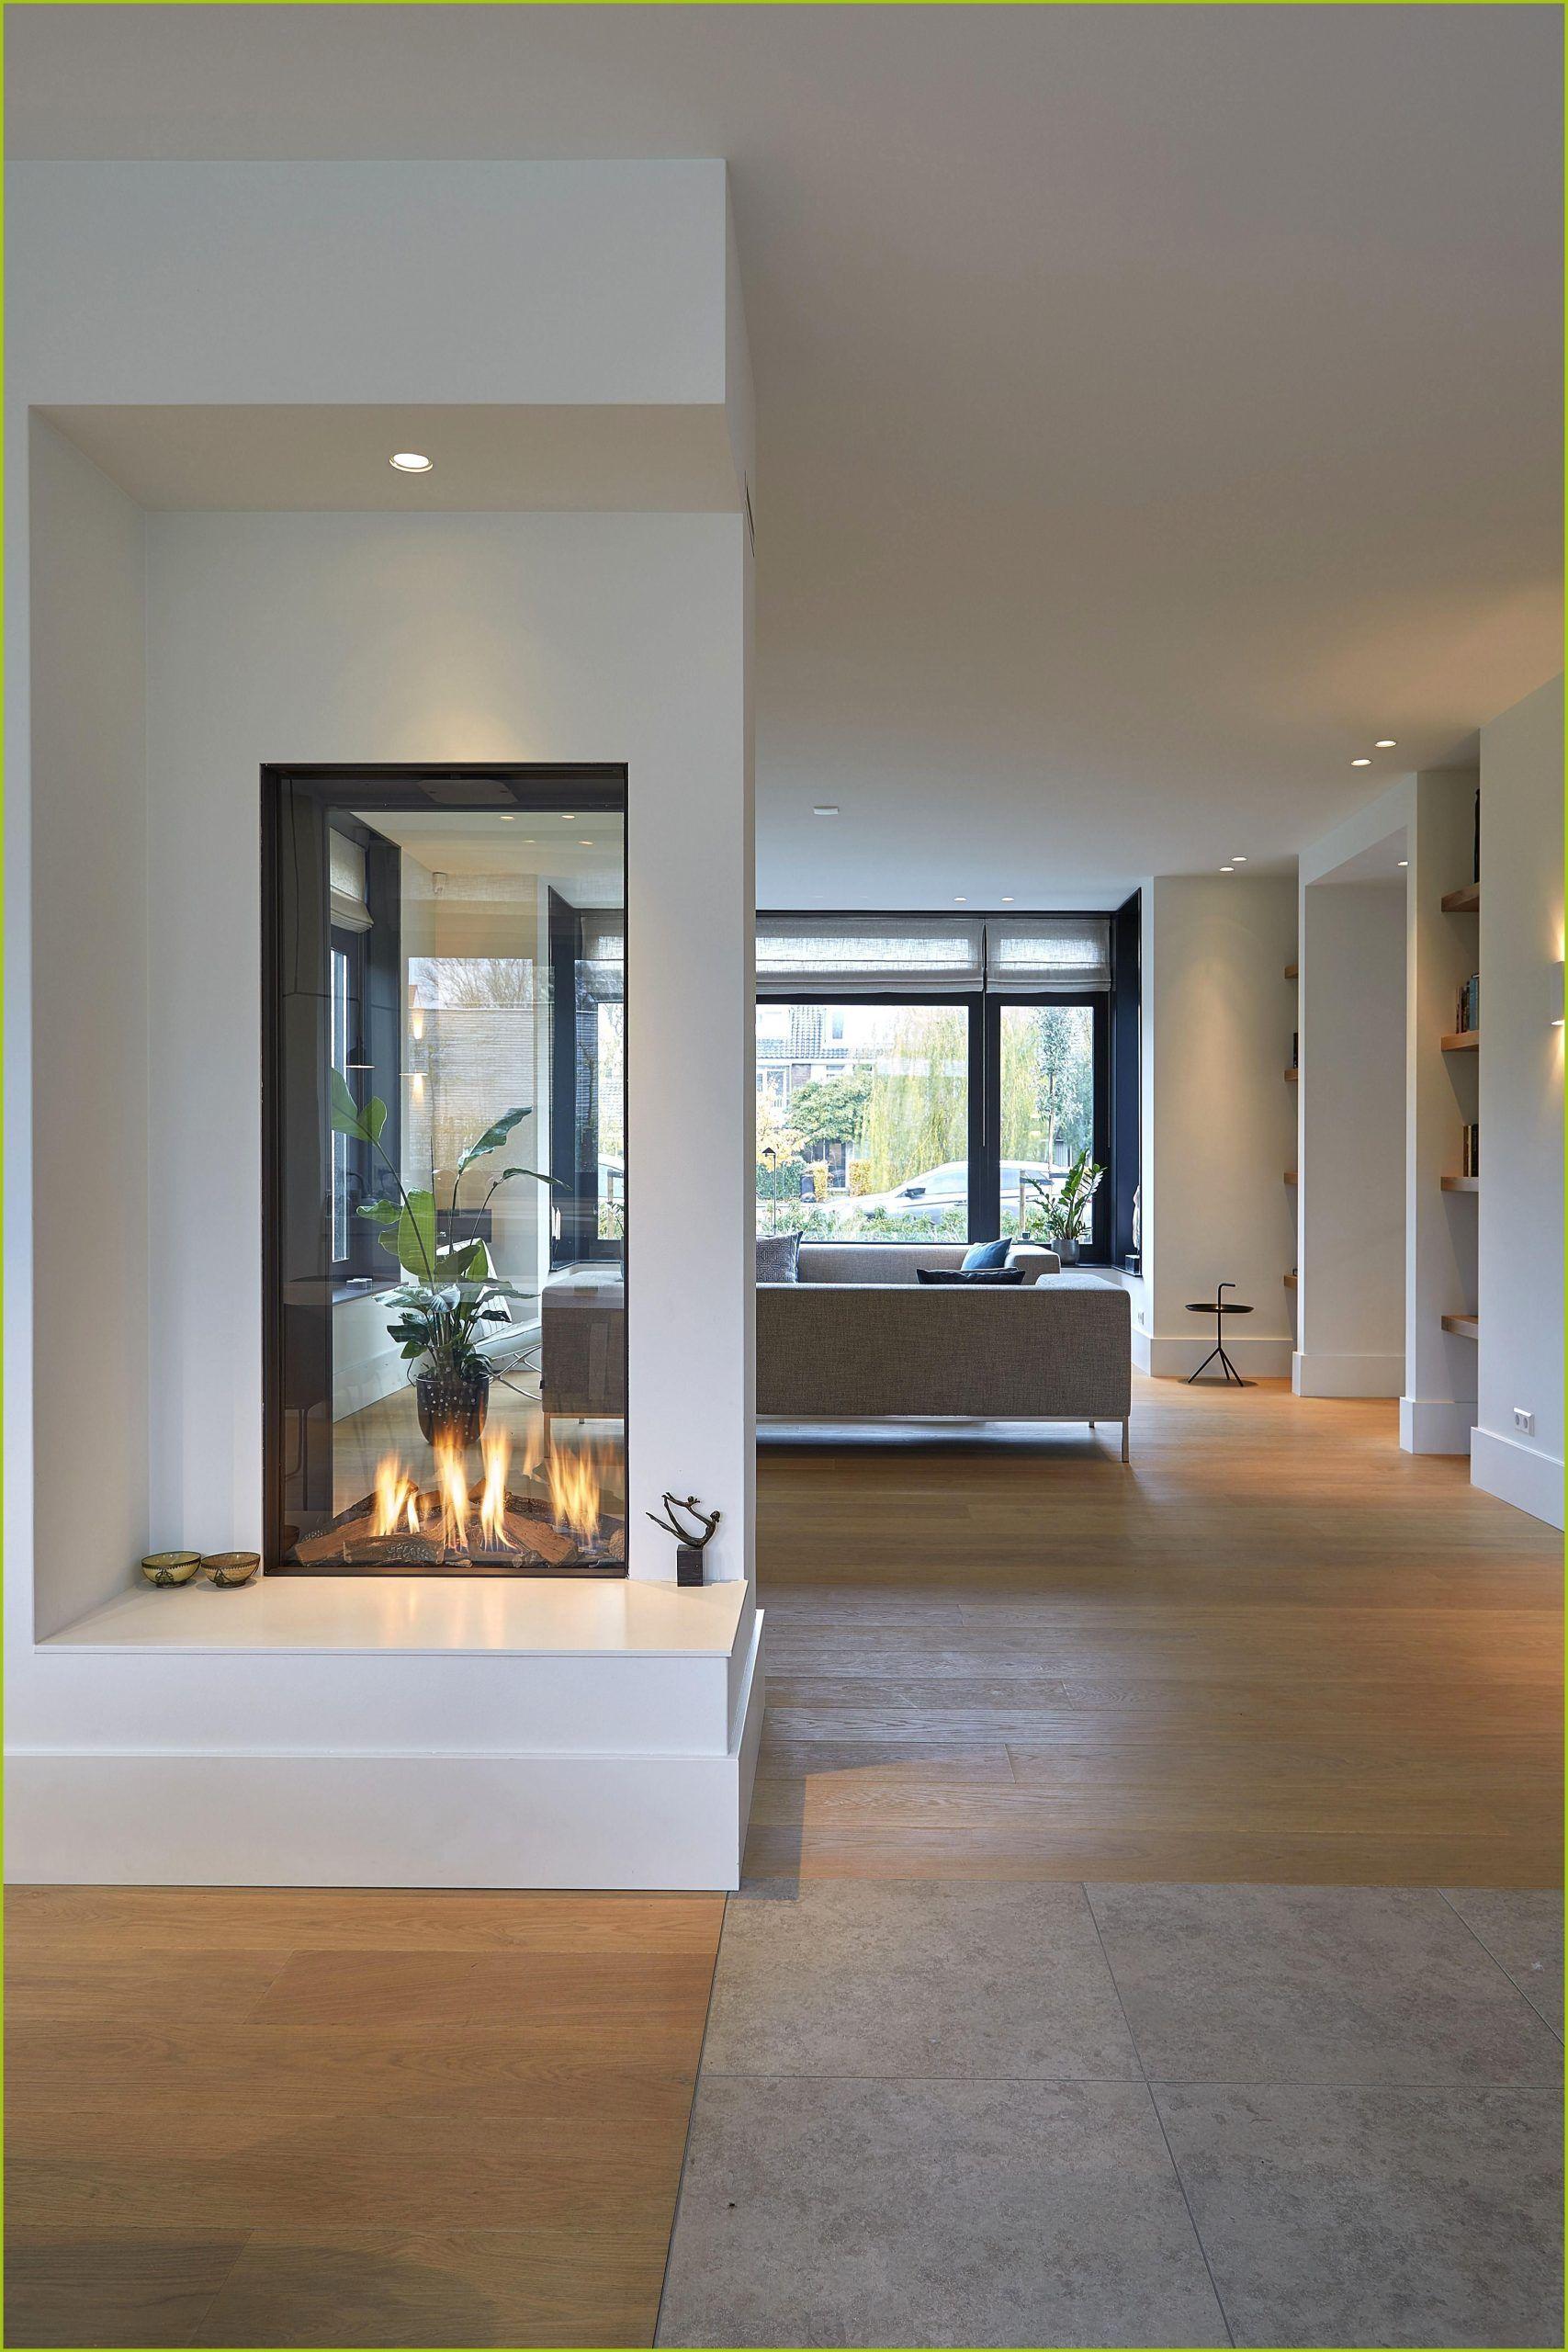 29 Smarte Mudroom Ideen Fur Ein Besseres Zuhause 29 Smarte Mudroom Ideen F Besseres Ein Fur Mudro In 2020 Haus Wohnzimmer Haus Innenarchitektur Haus Interieu Design